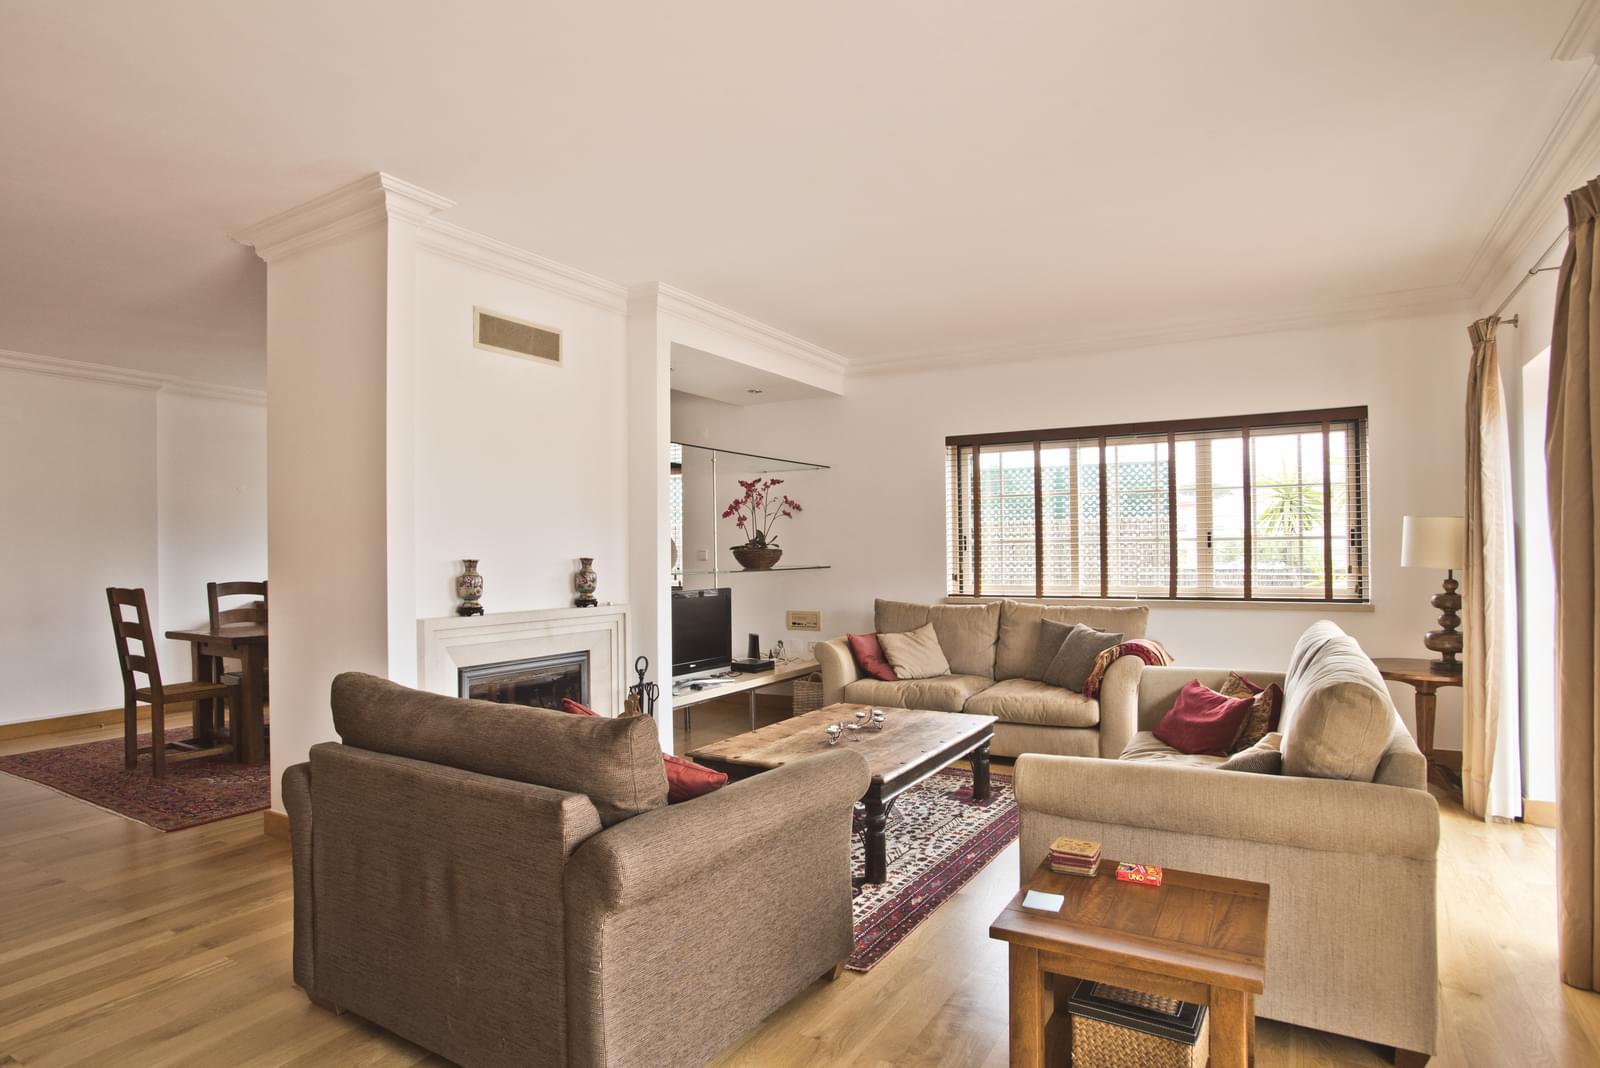 pf17061-apartamento-t3-cascais-6904dab6-a8e0-48f4-bf44-87b605173626